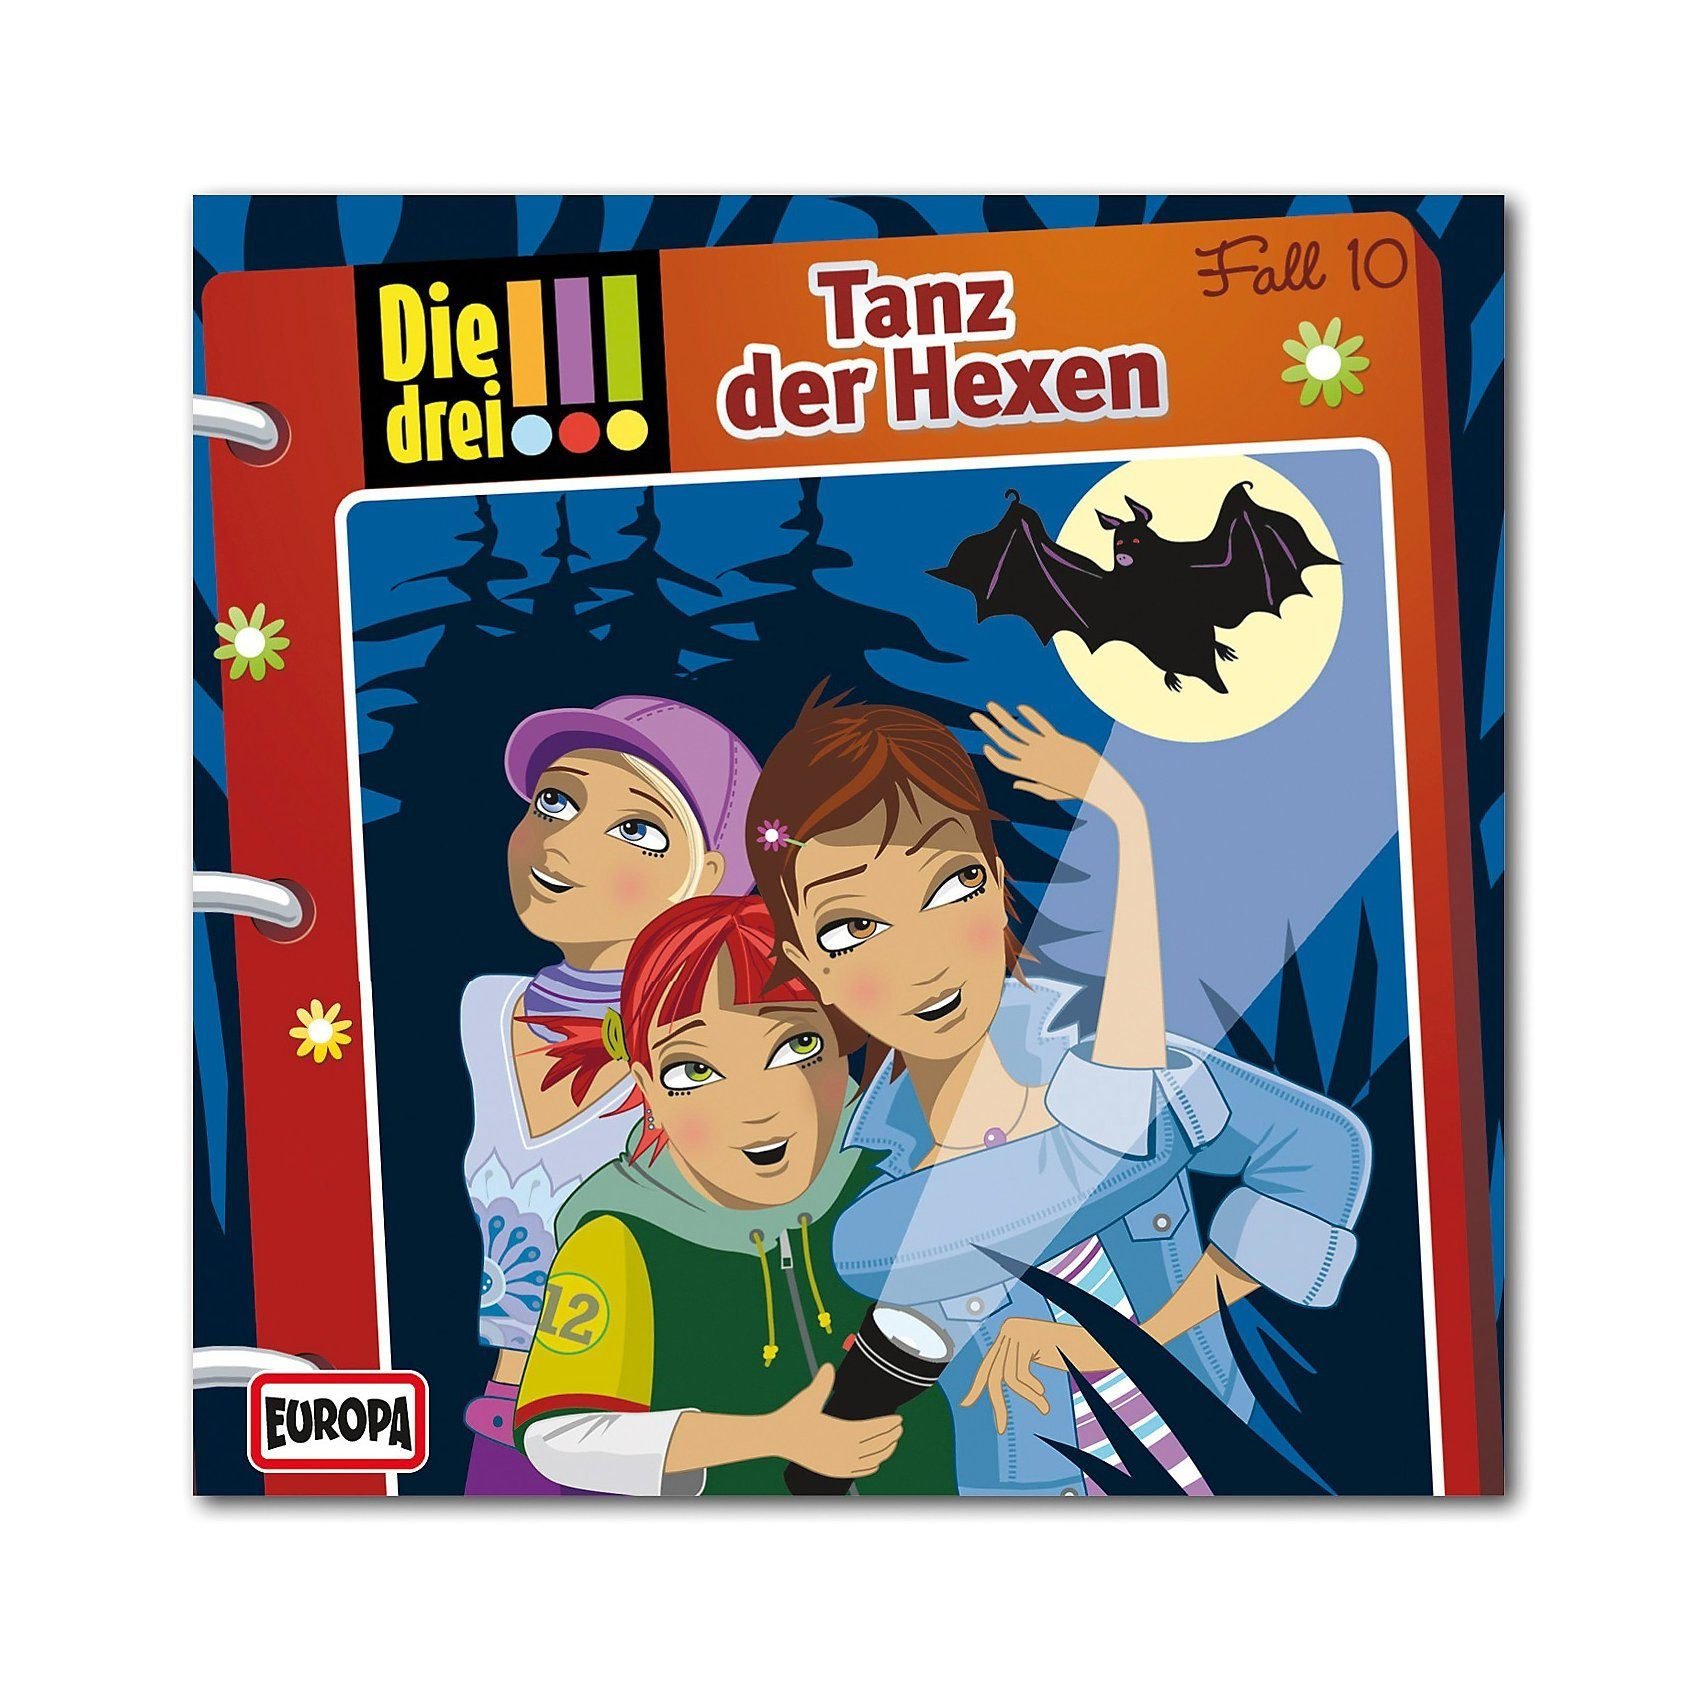 SONY BMG MUSIC CD Die Drei !!! 10 - Tanz der Hexen